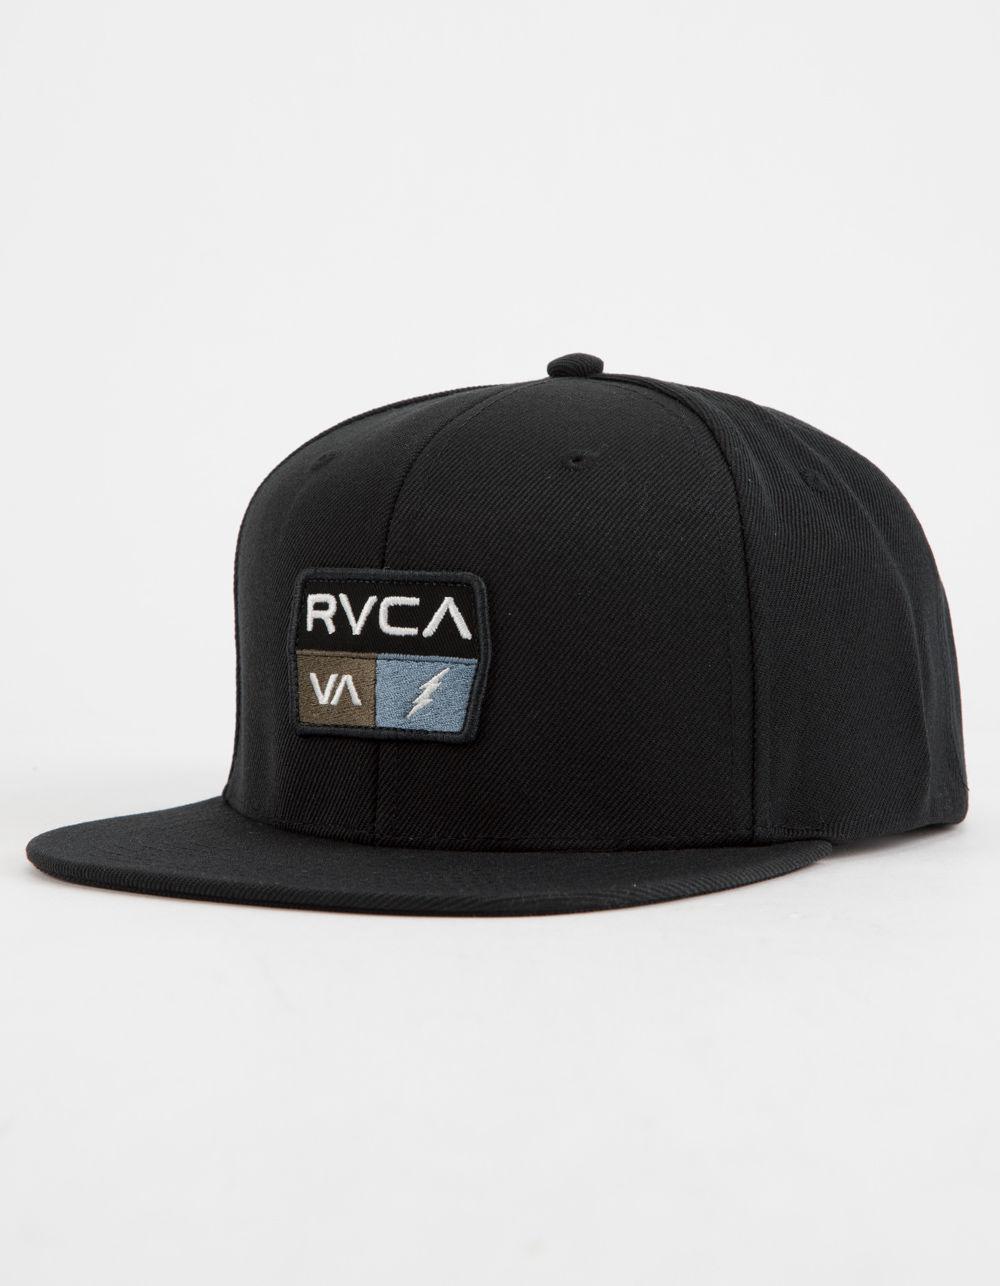 new style 42a01 8a35f RVCA - 9volt Black Mens Snapback Hat for Men - Lyst. View fullscreen